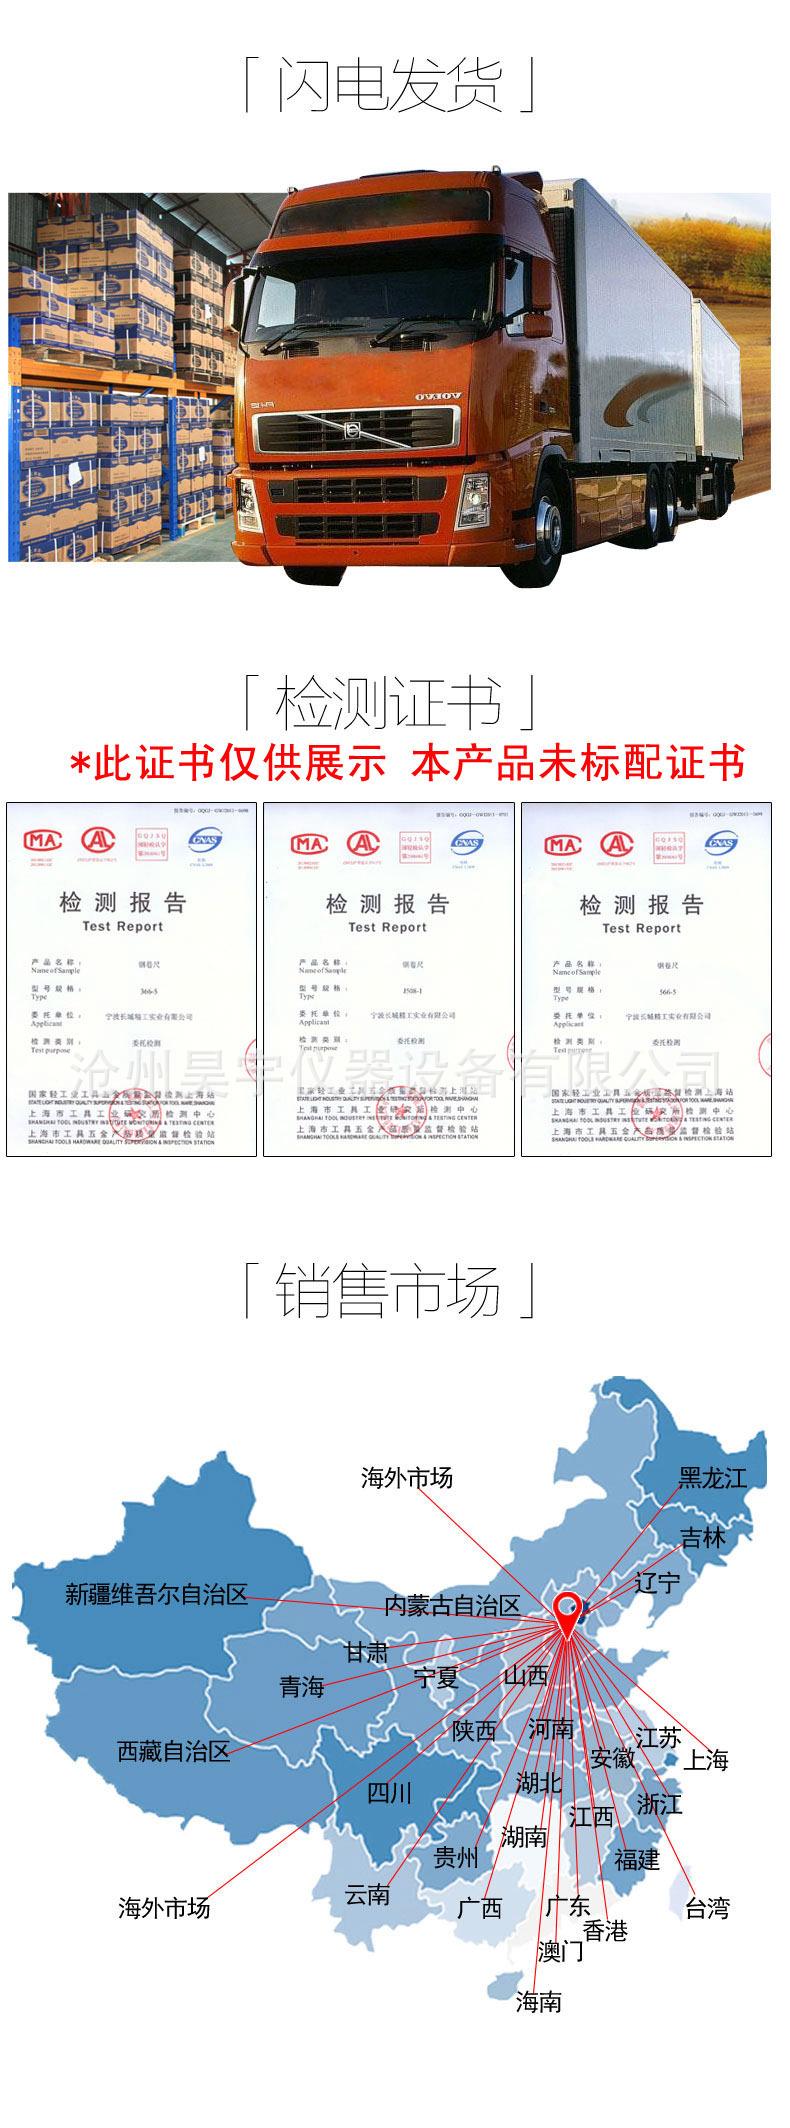 检测证书及销售区域